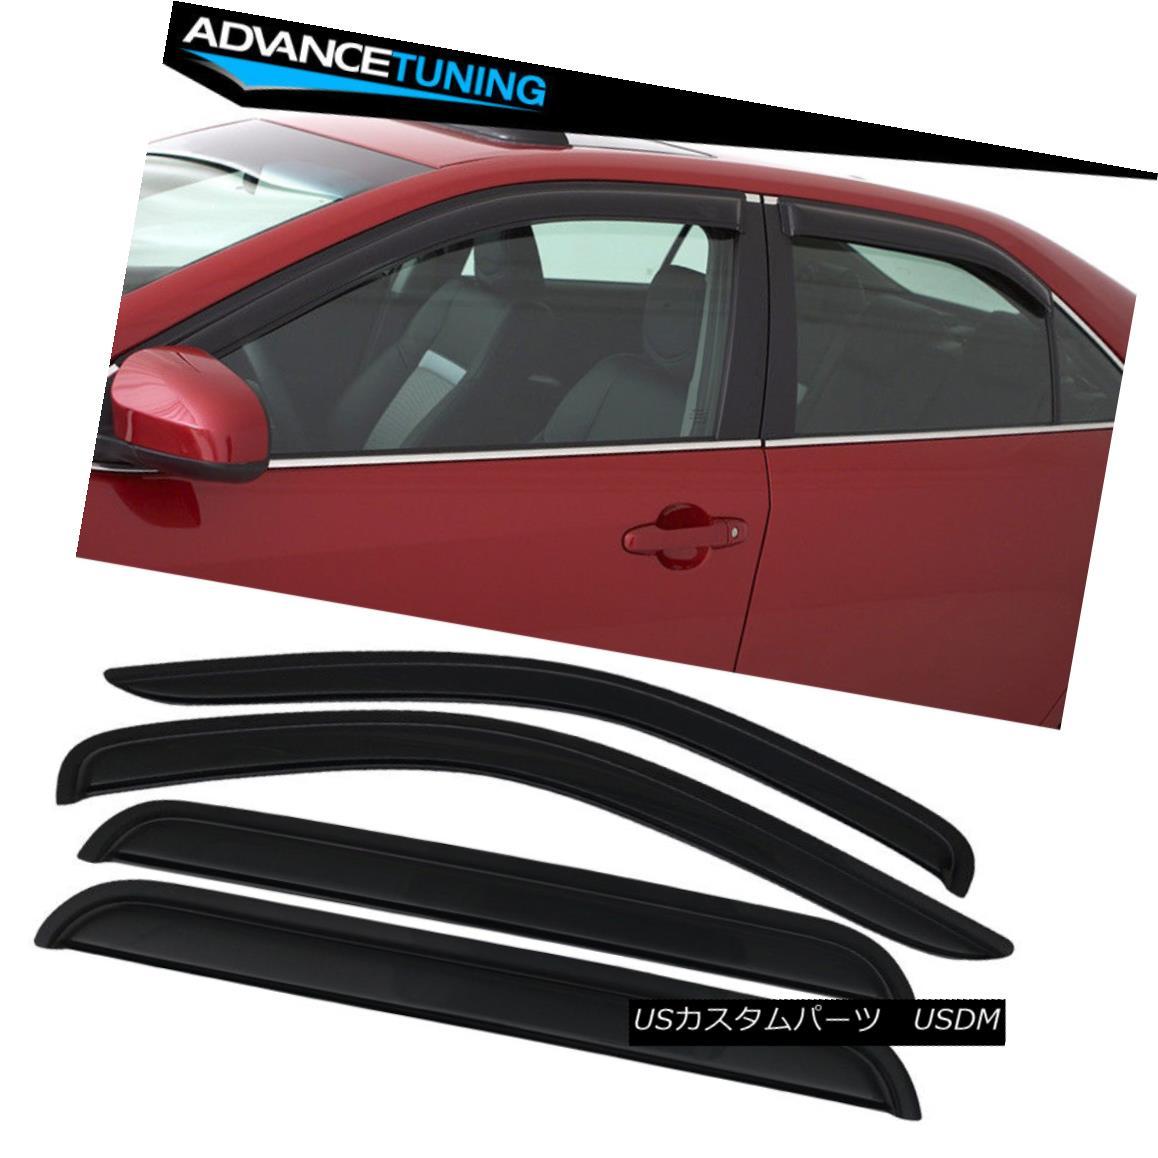 98-03 Visors 4Pc Dodge エアロパーツ 98-03 Durangoアクリルウインドウバイザー4Pcに適合 Dodge Fits Window Acrylic Durango